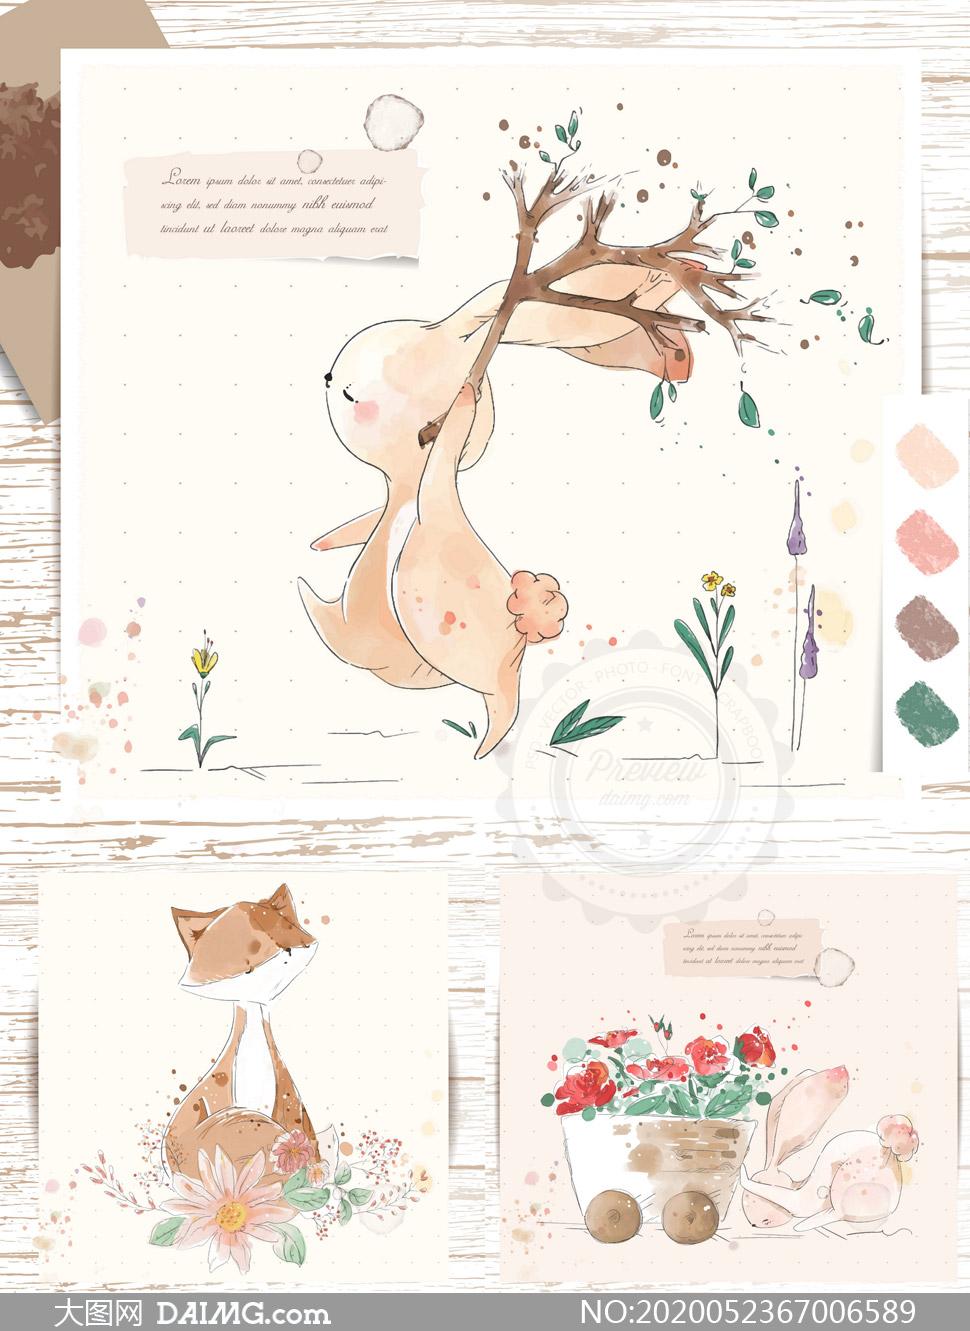 水彩手绘兔子与狐狸等插画矢量素材